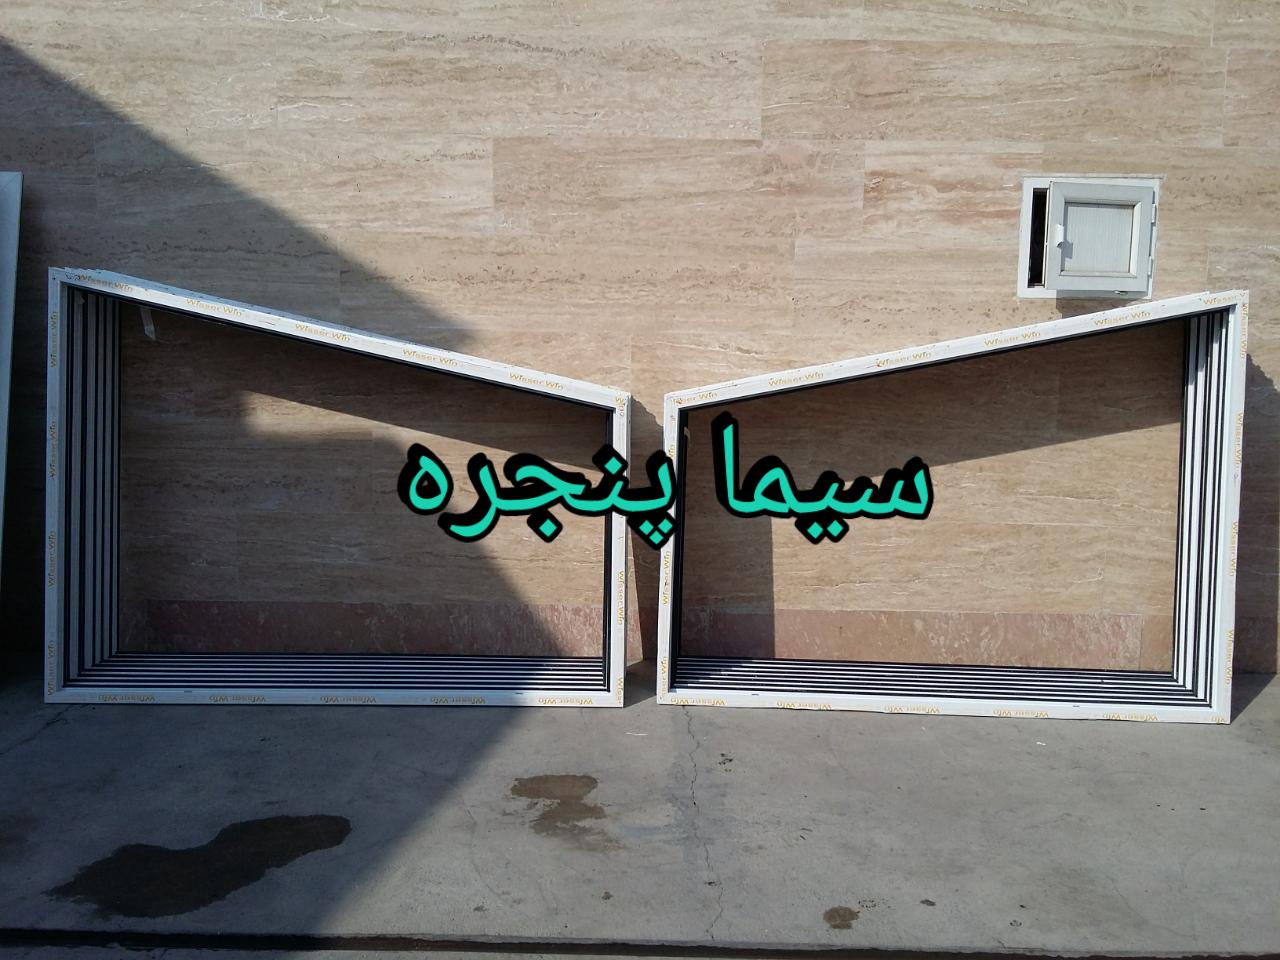 ساخت پنجره های خم و خاص و زاویه دار - پنجره ذوزنقه ای در هر ابعادی- خم انواع پروفیل upvc